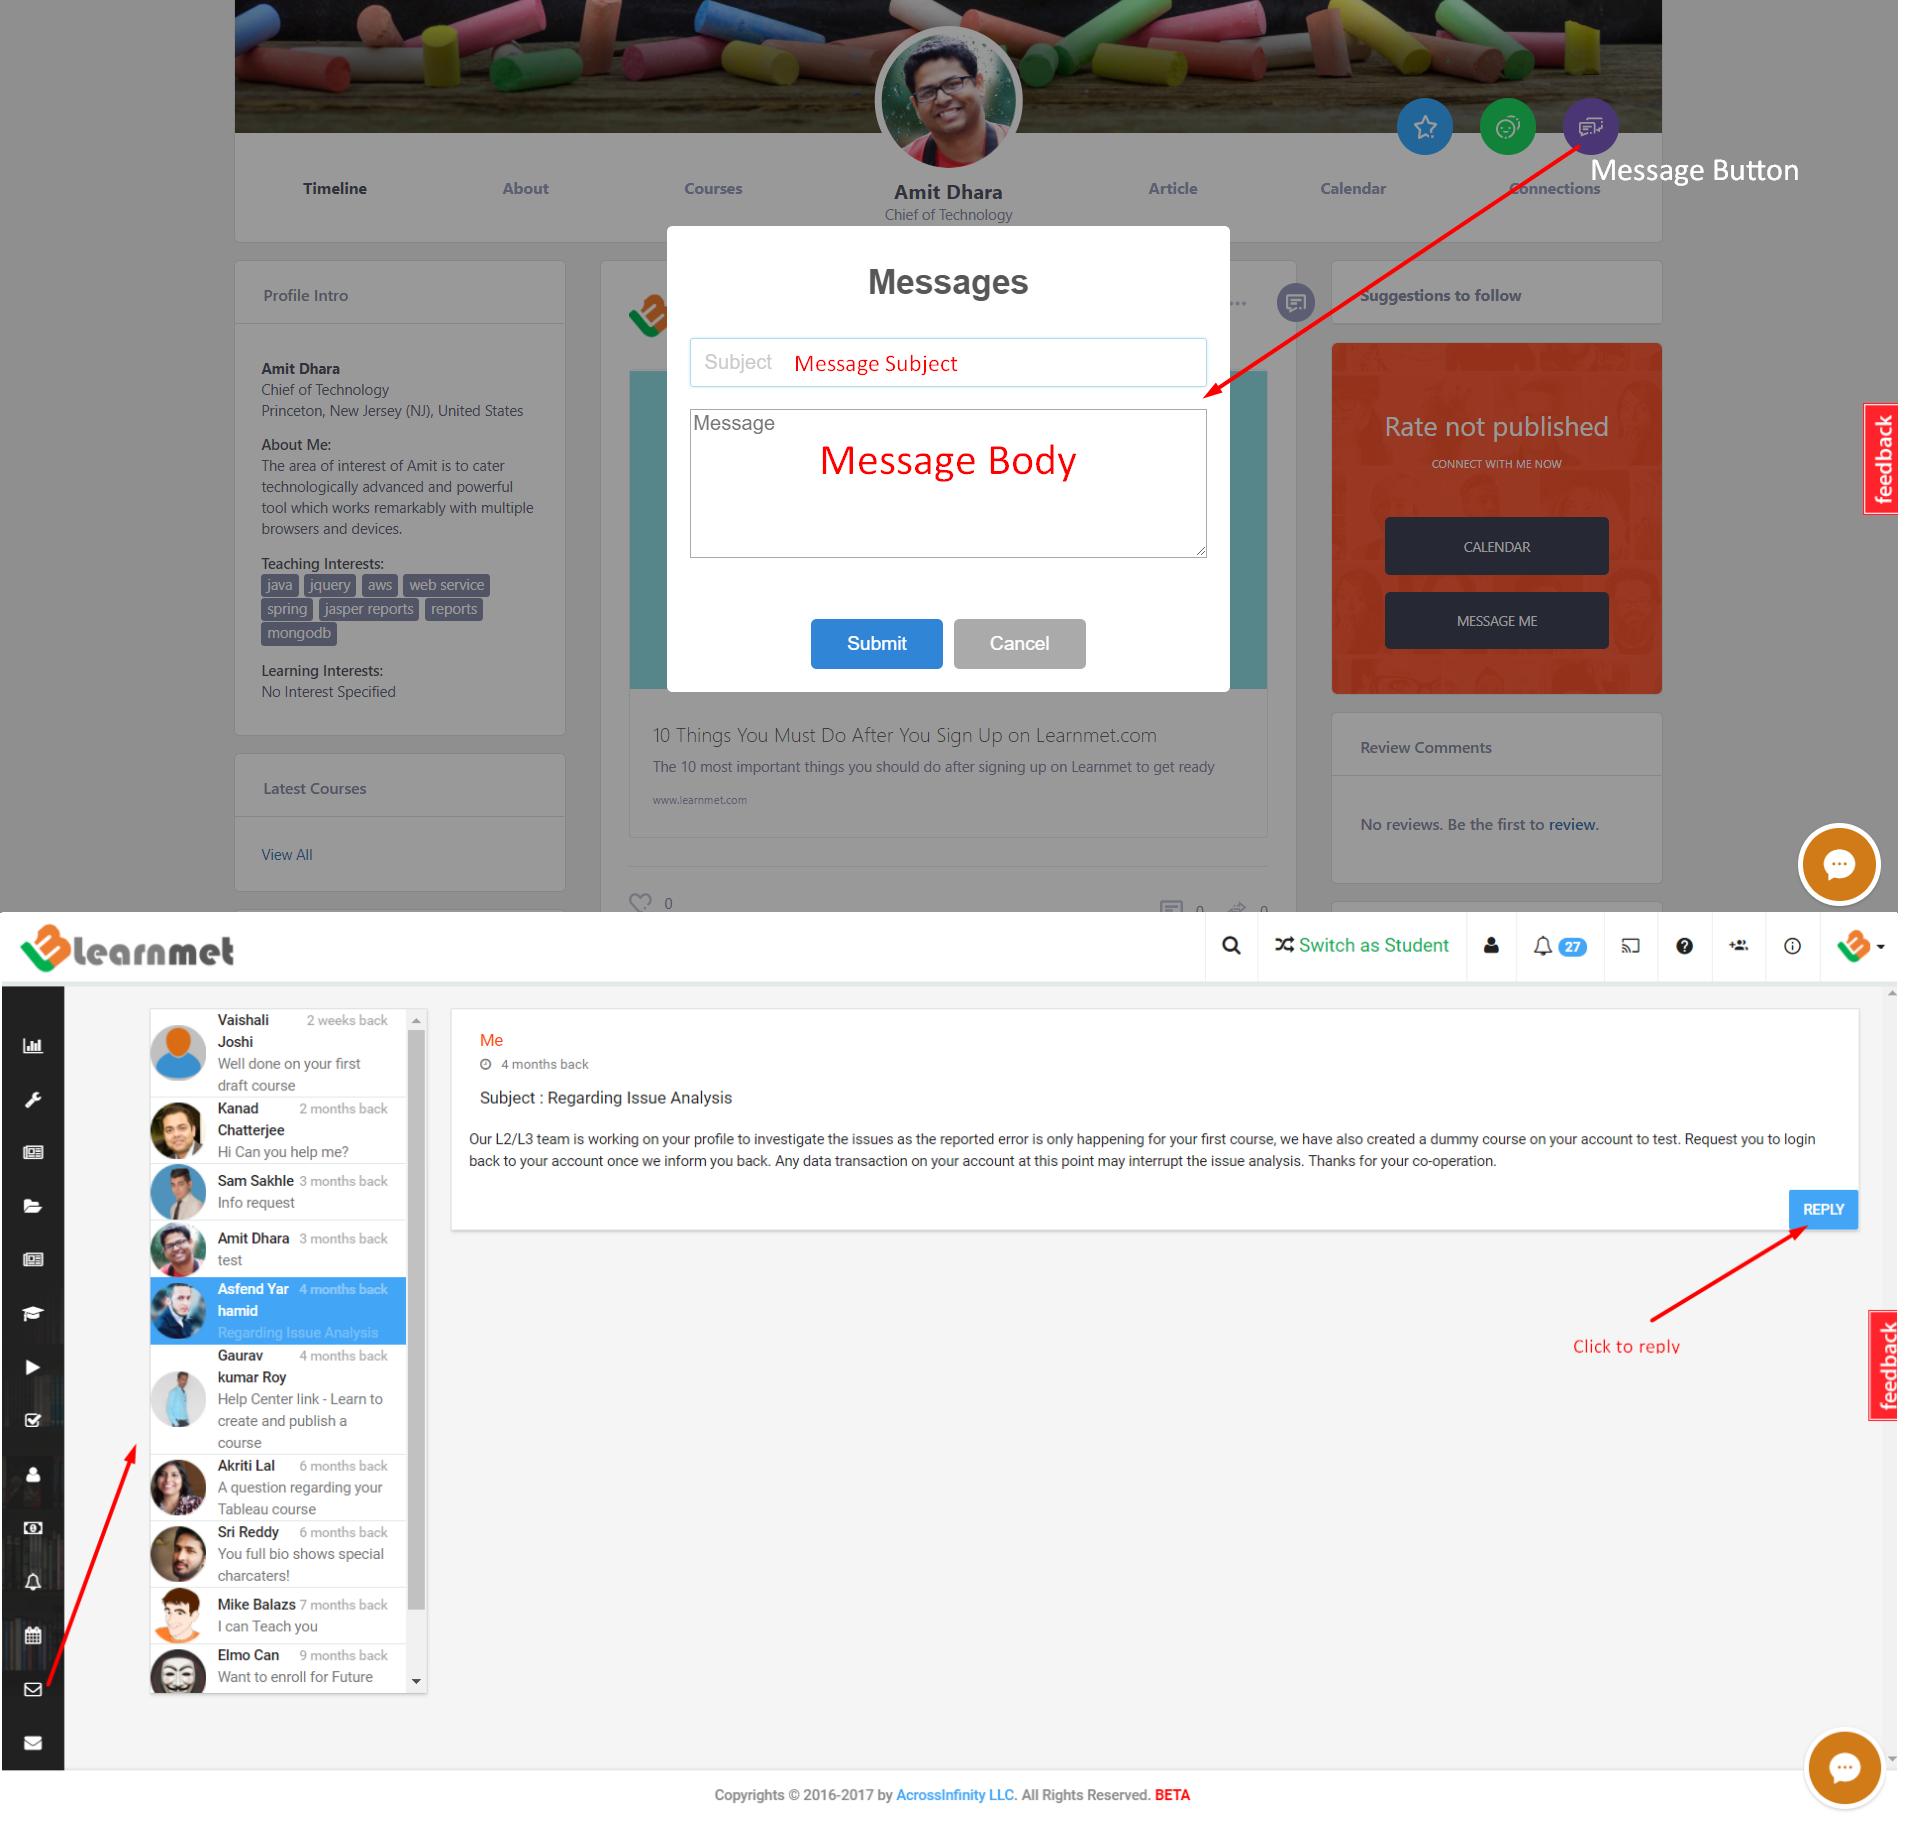 Learnmet Messaging